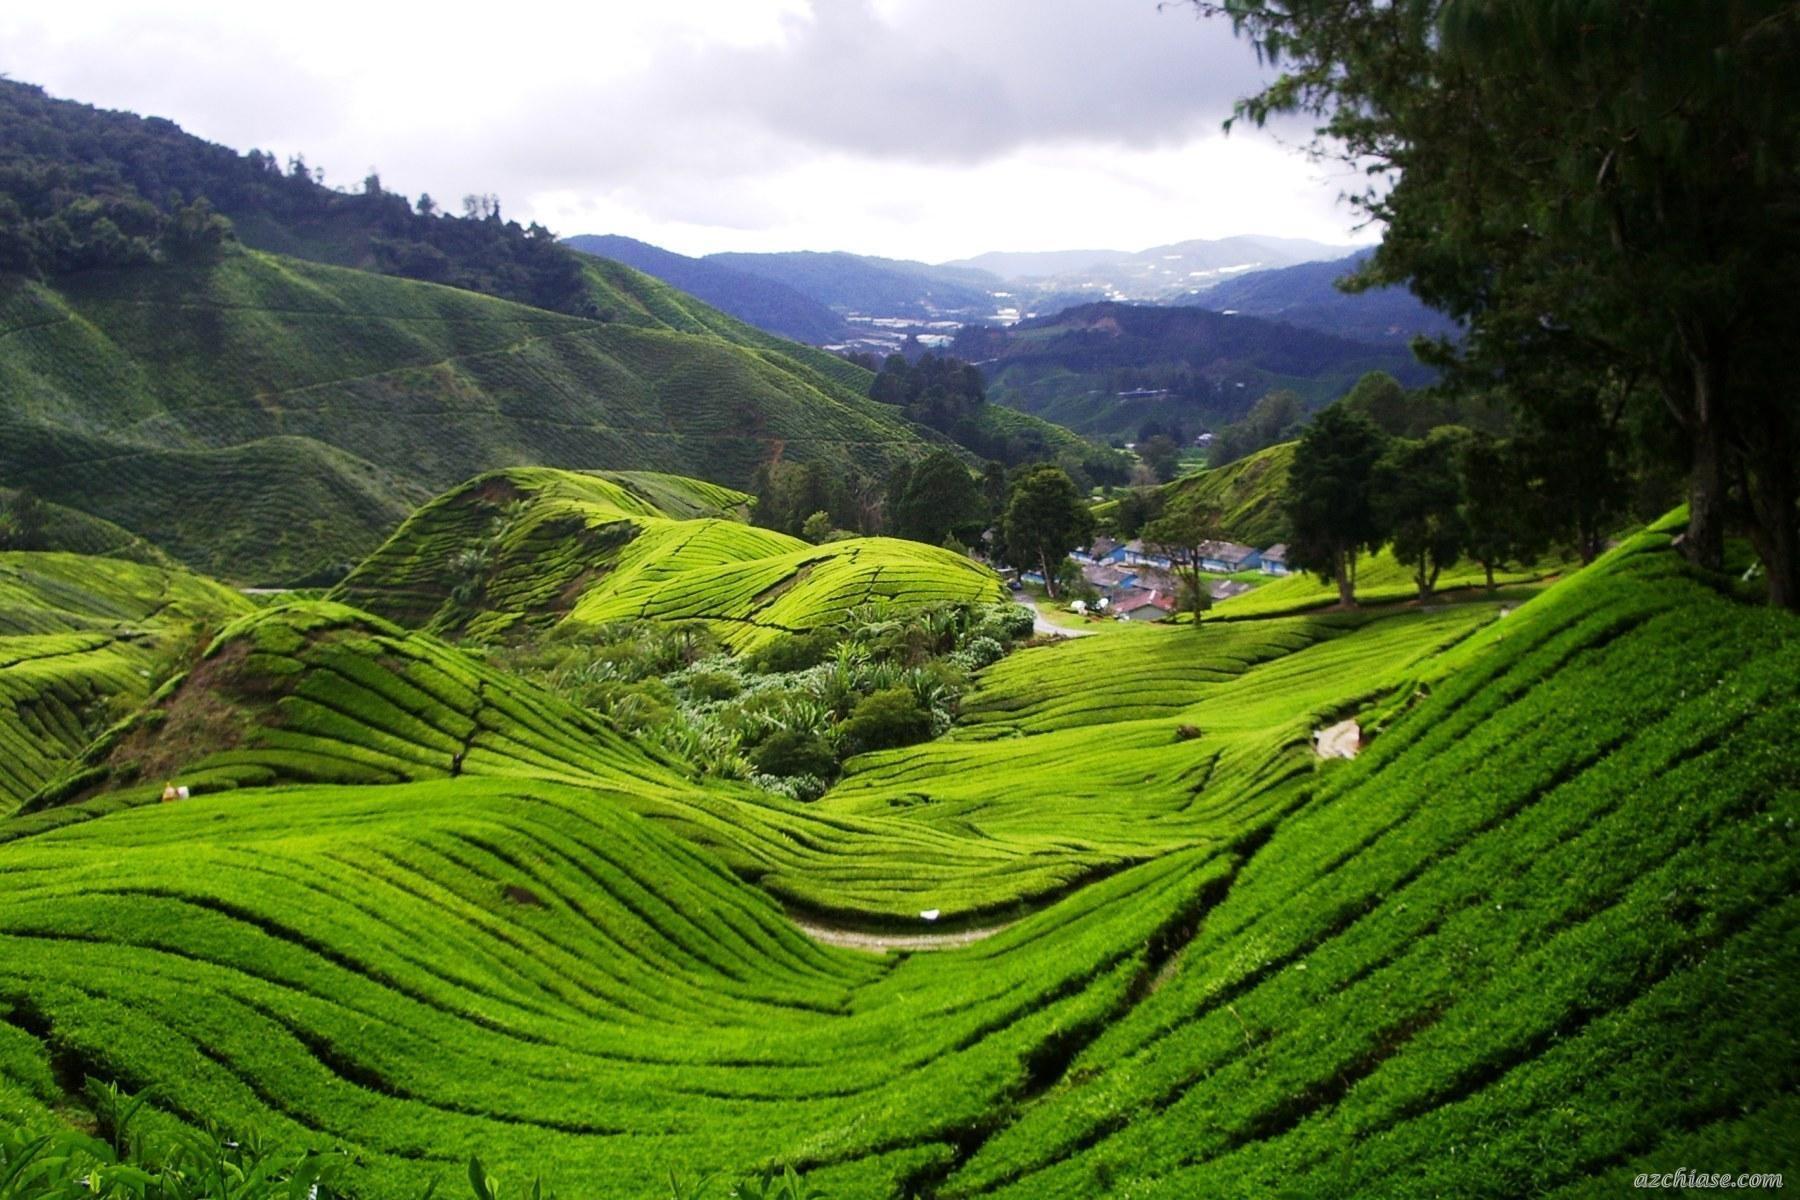 Du lịch Malaysia nên đi mấy ngày